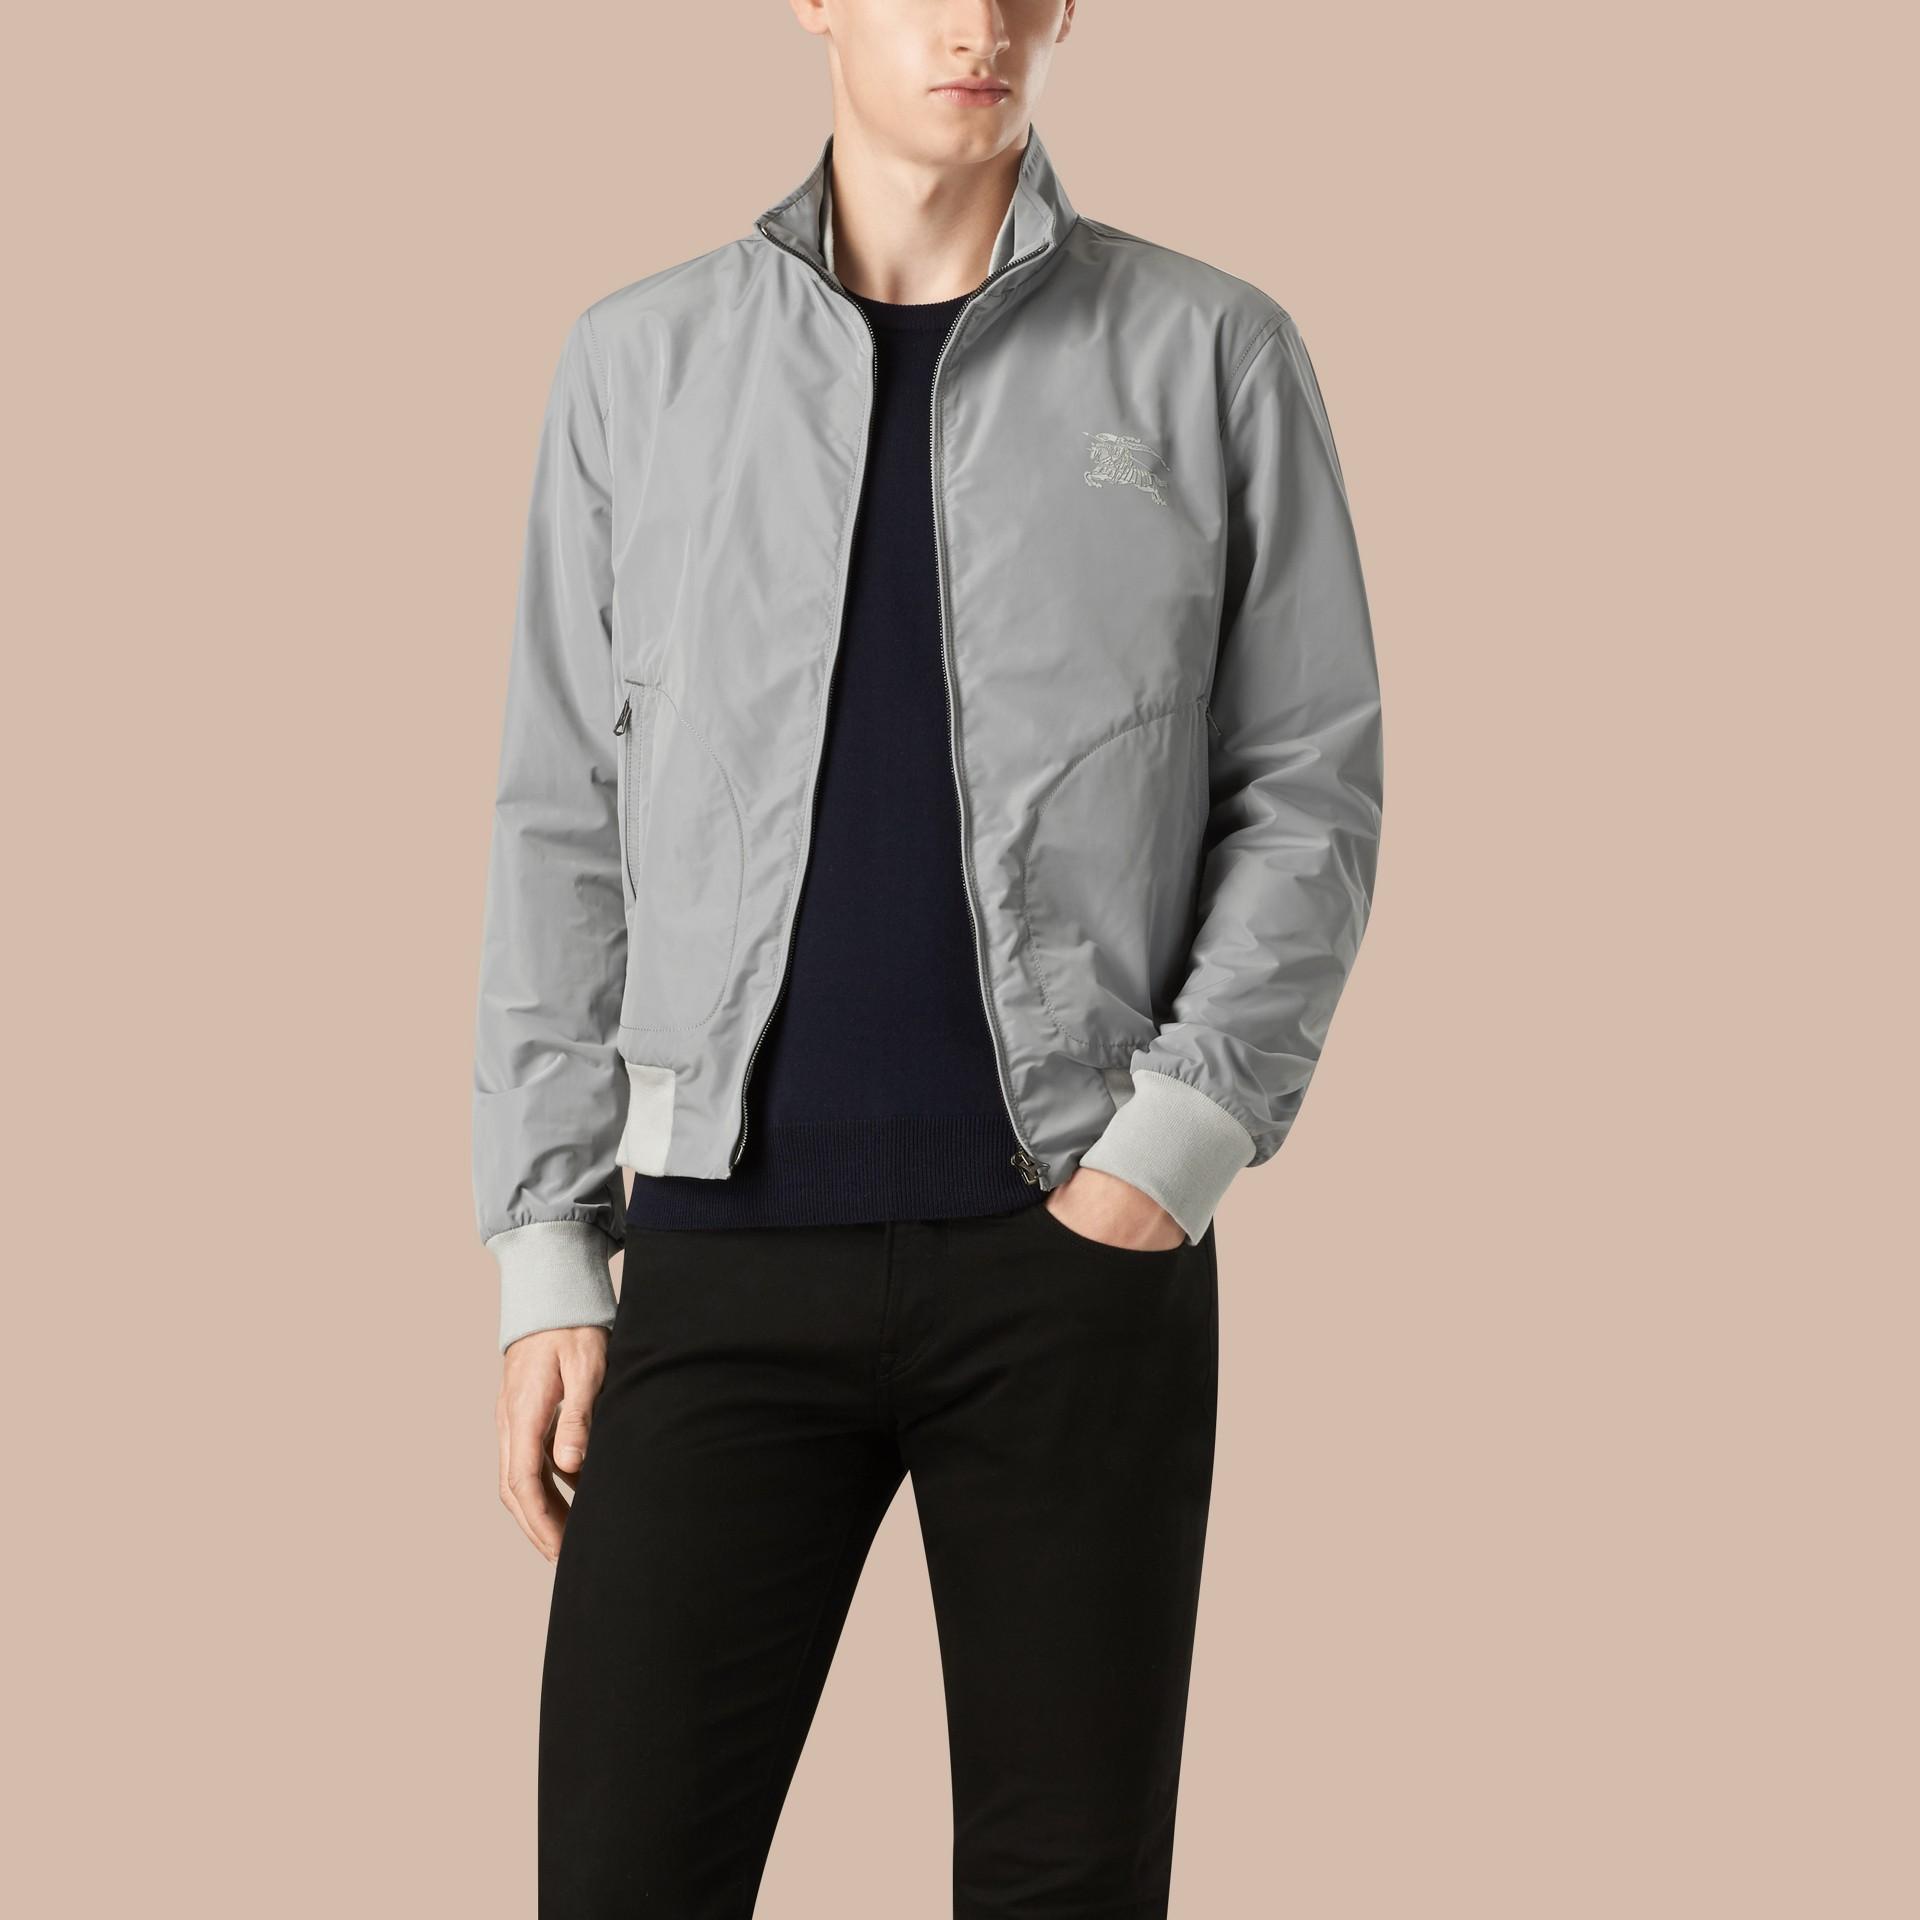 Hellgrau Packbare Jacke mit Frontreißverschluss - Galerie-Bild 1